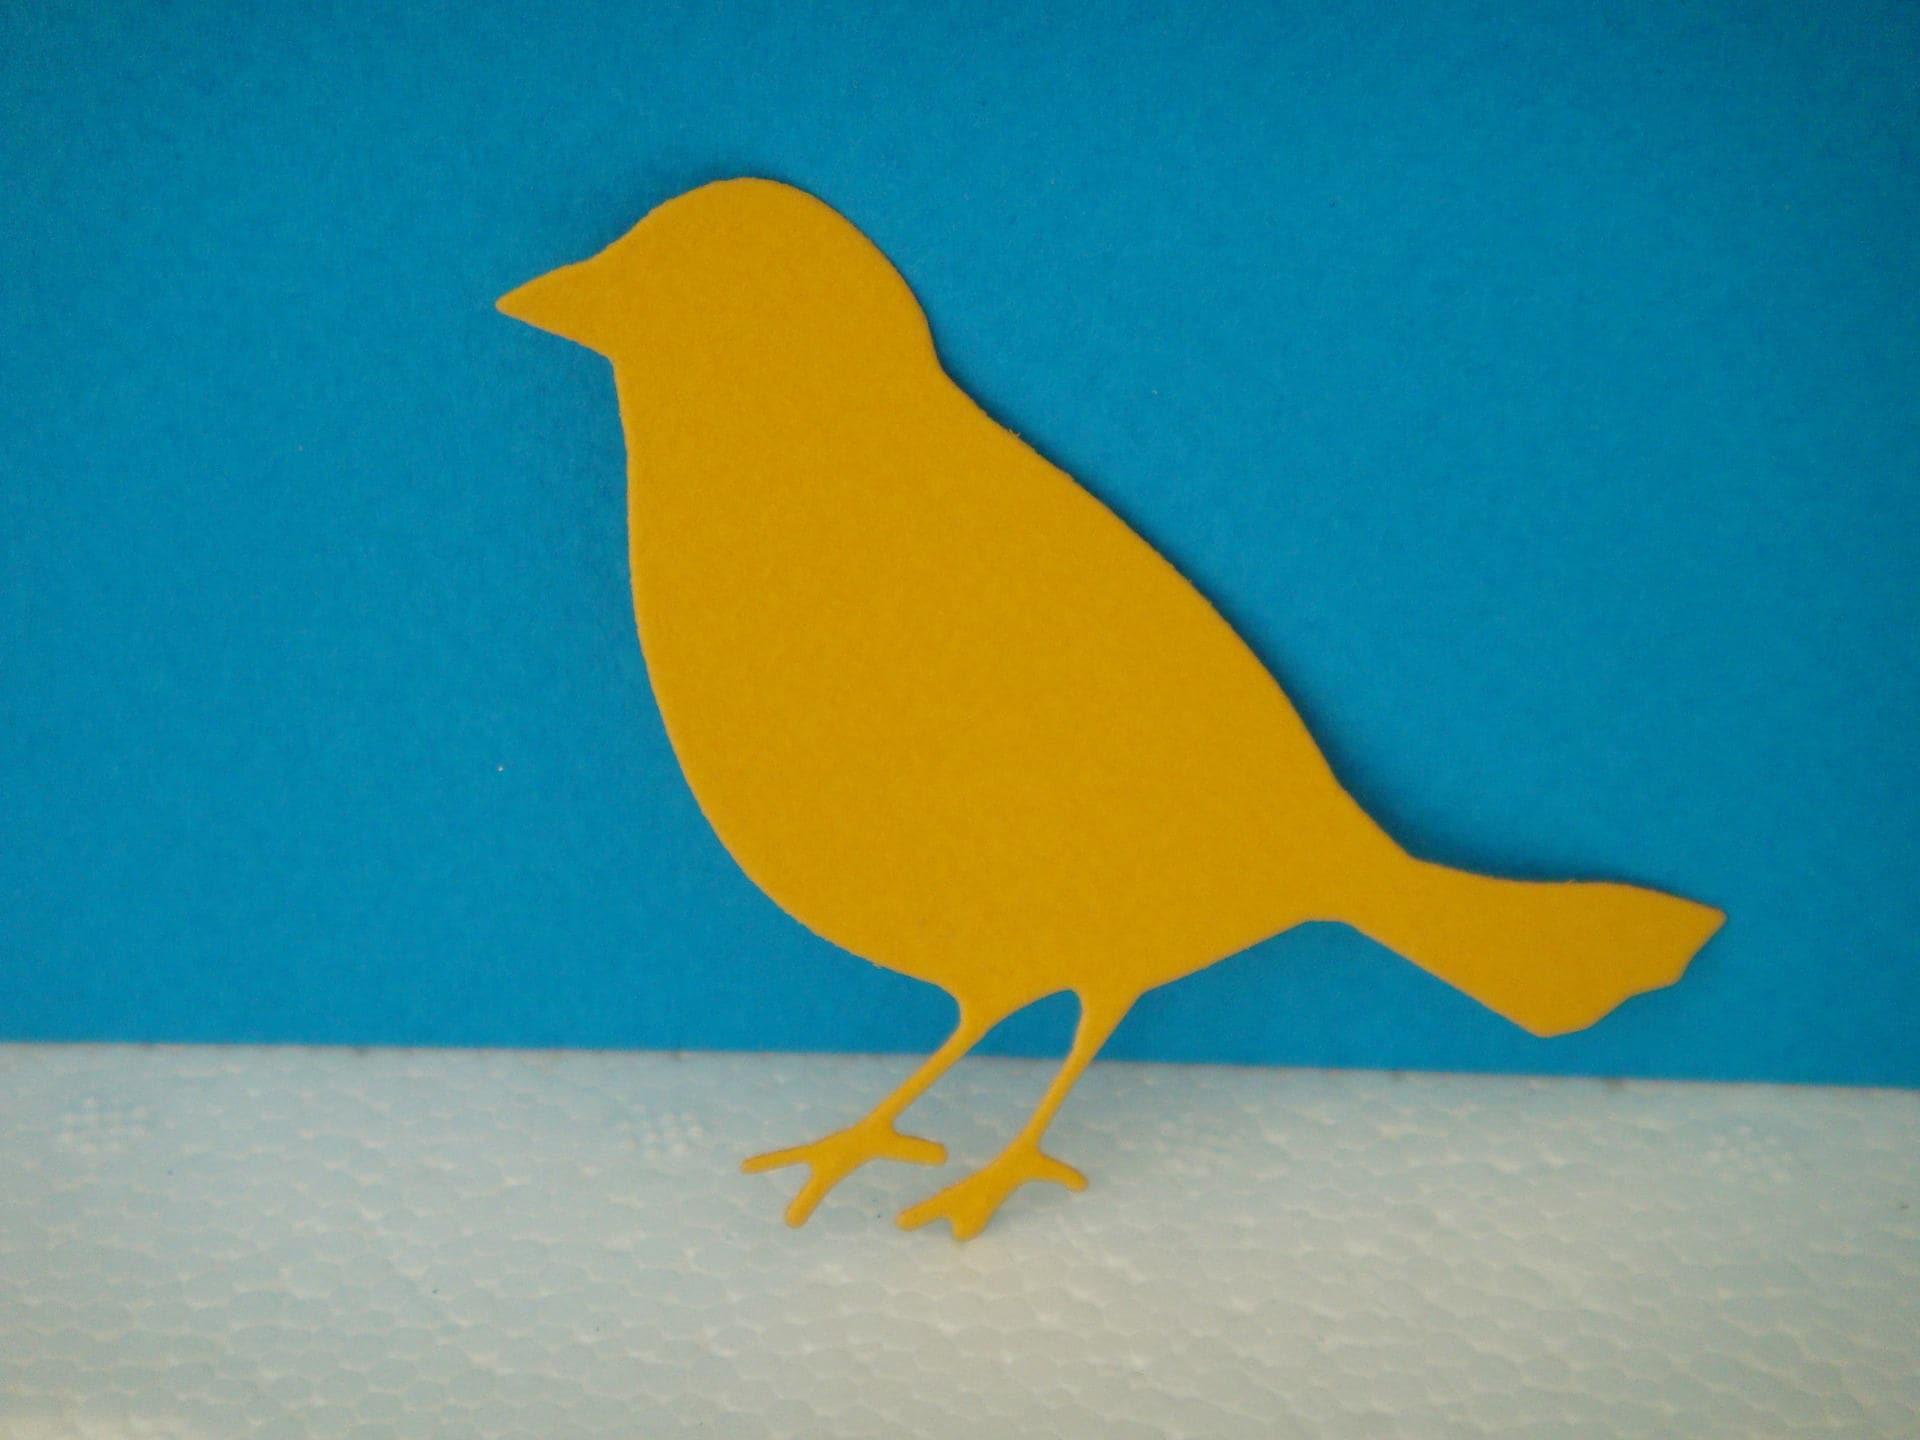 D coupe oiseau jaune fonc pour scrapbooking et carte for Oiseau jaune france